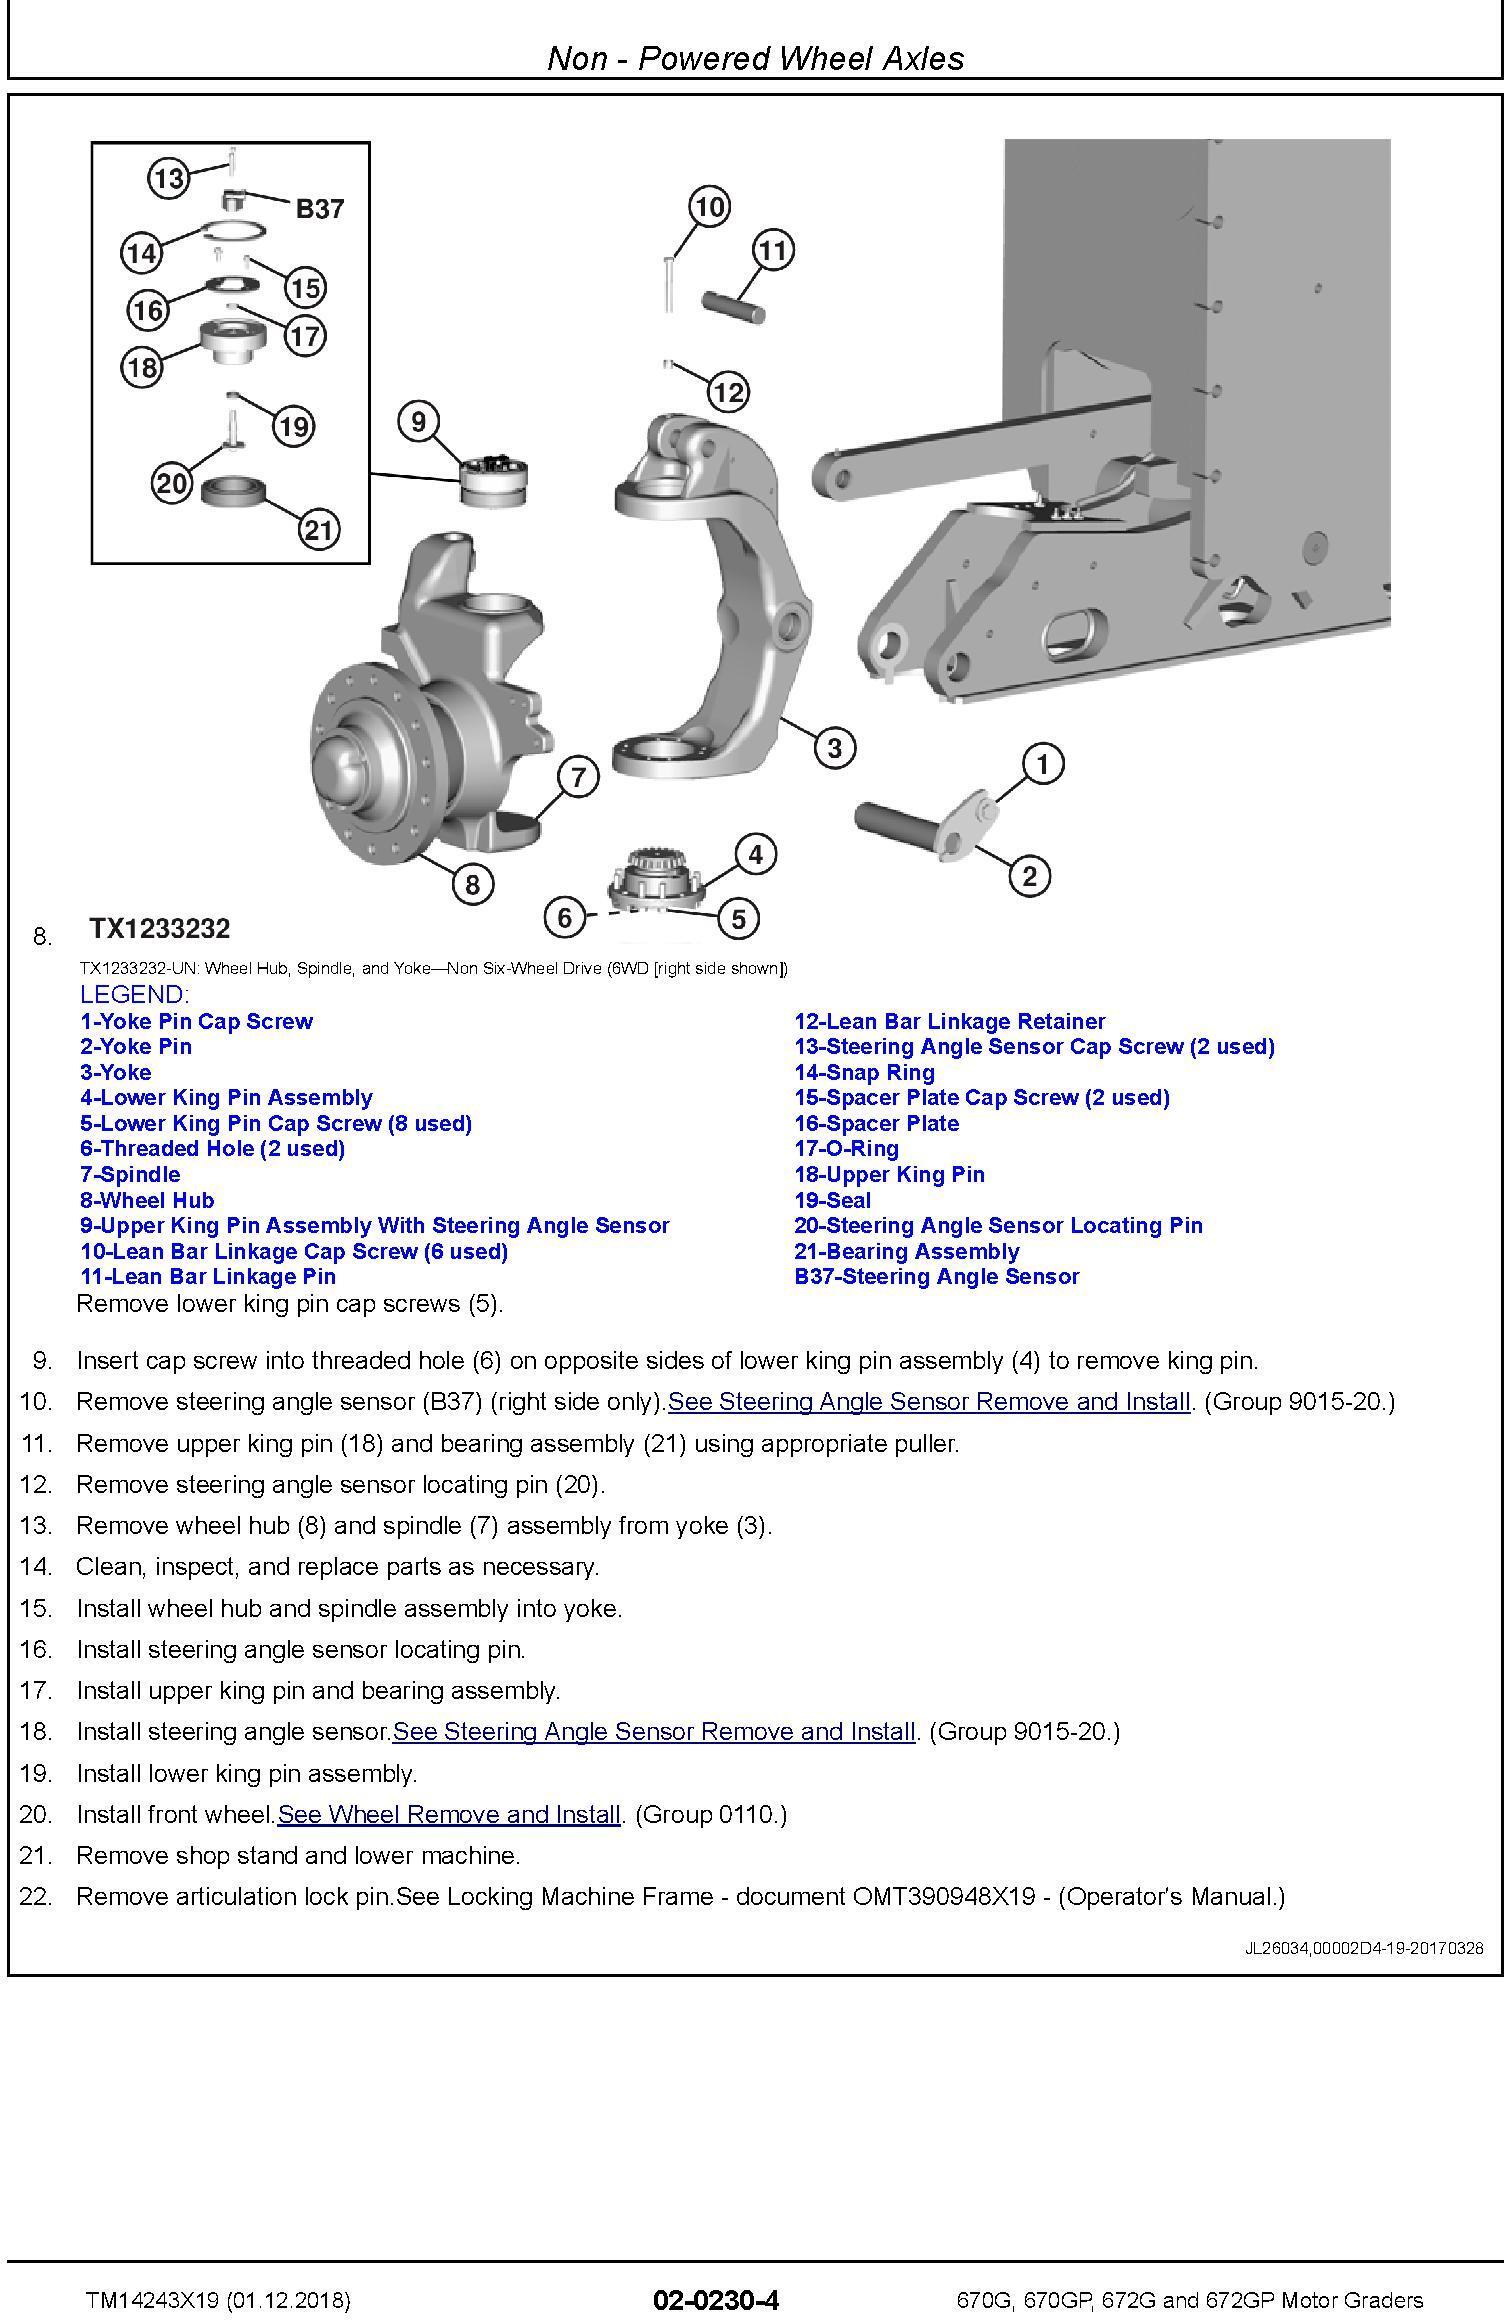 John Deere 670G, 670GP, 672G, 672GP (SN.F680878-, L700954-) Motor Graders Repair Manual (TM14243X19) - 1